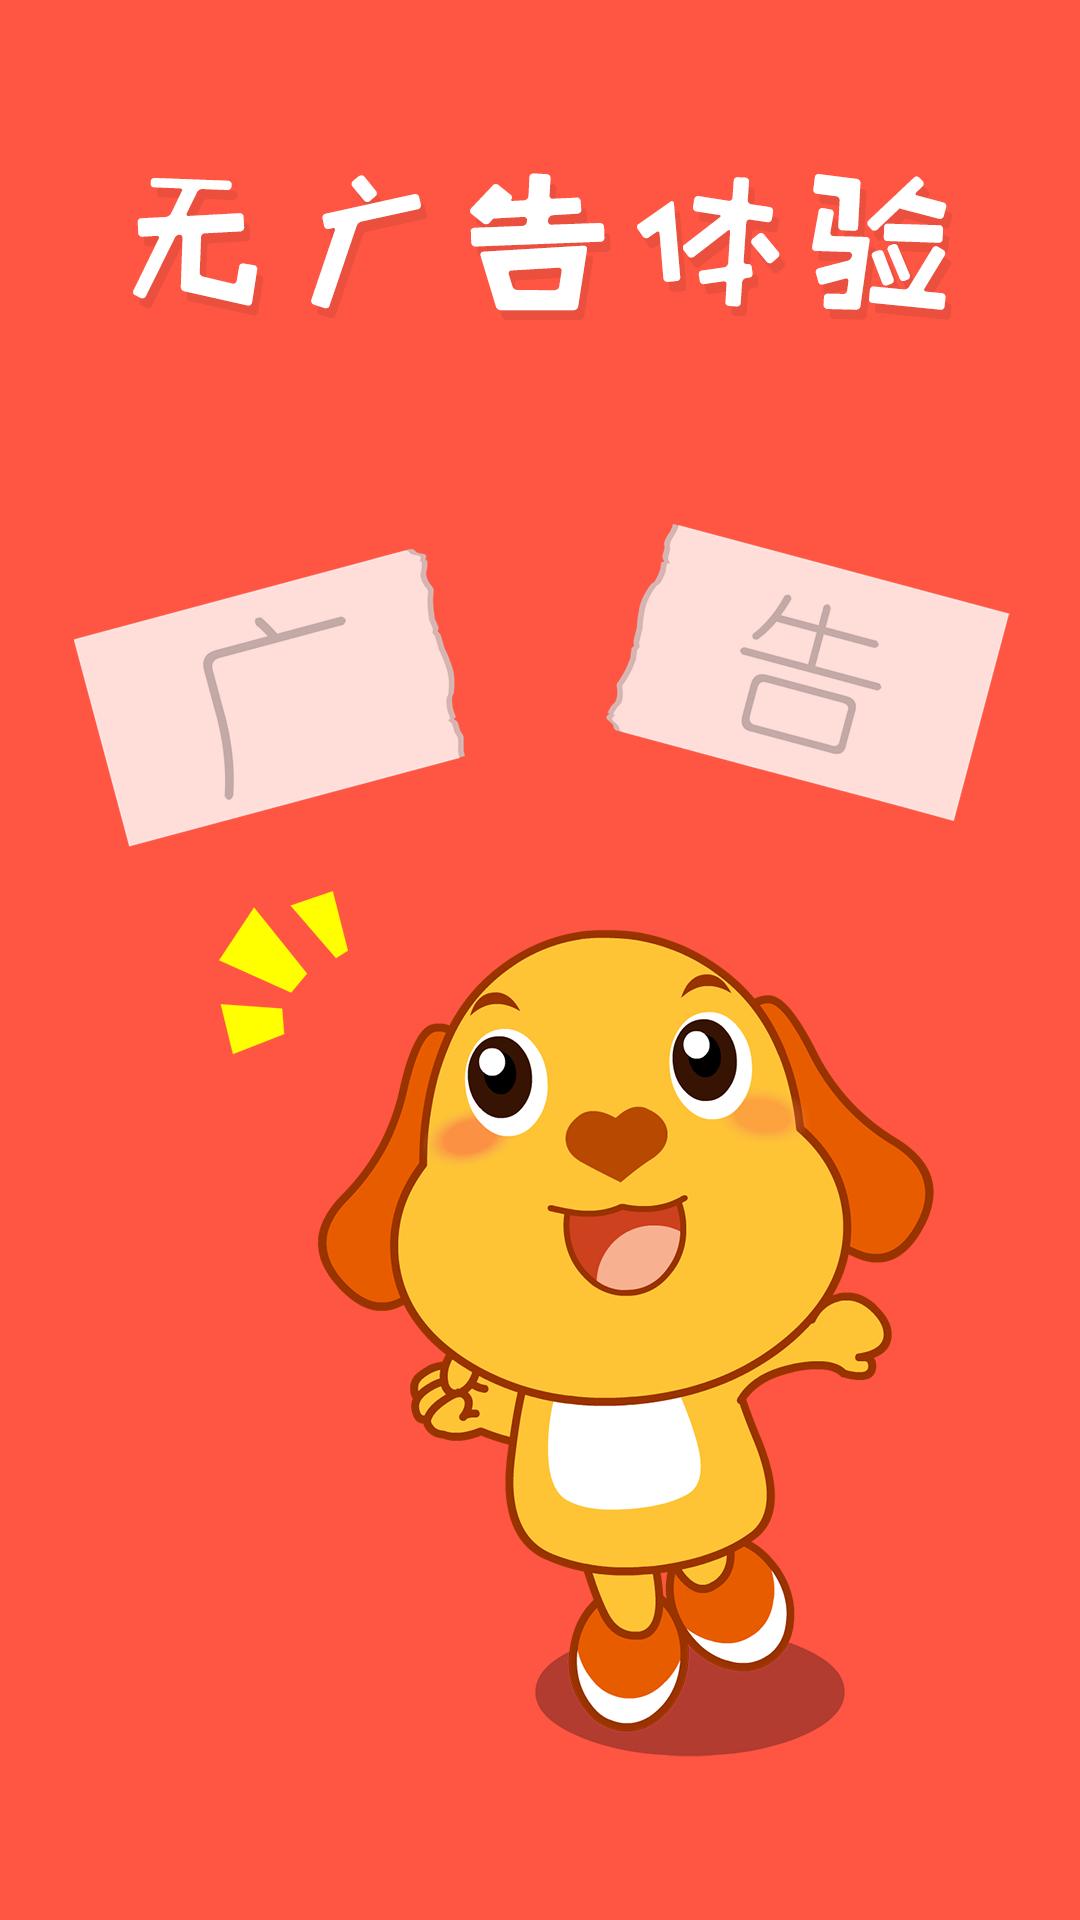 亲宝儿歌50首 V3.8.7 安卓版截图1